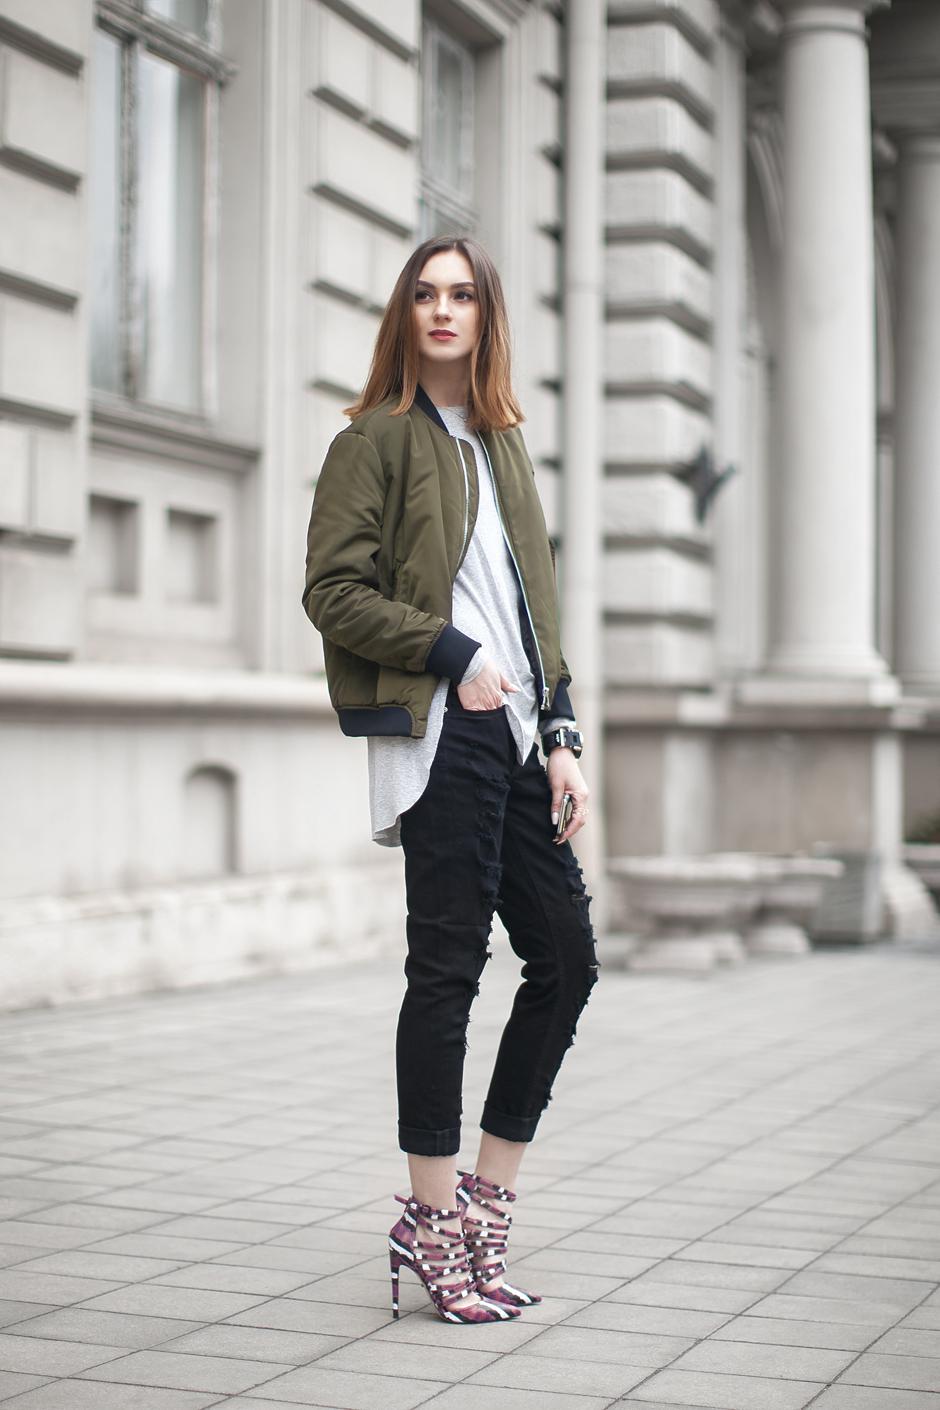 Bomber Jacket Ideas For Women inspiredluv (10)